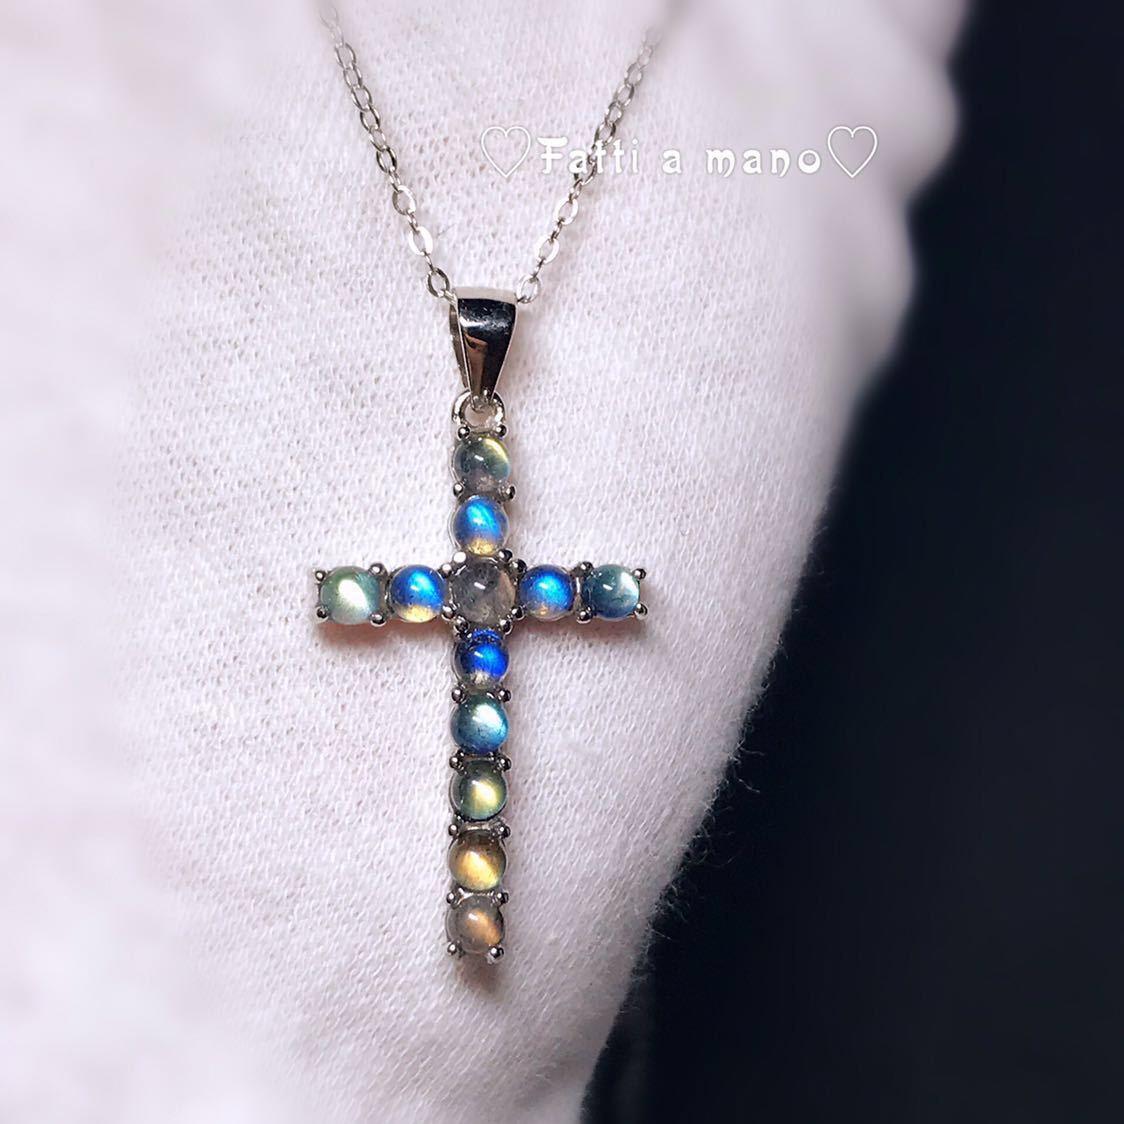 天然虹色ラブラドライト 十字架デザインネックレス 豪華 おしゃれ Sliver925 ハンドメイド パープルラブラドライトあり 天然石ネックレス